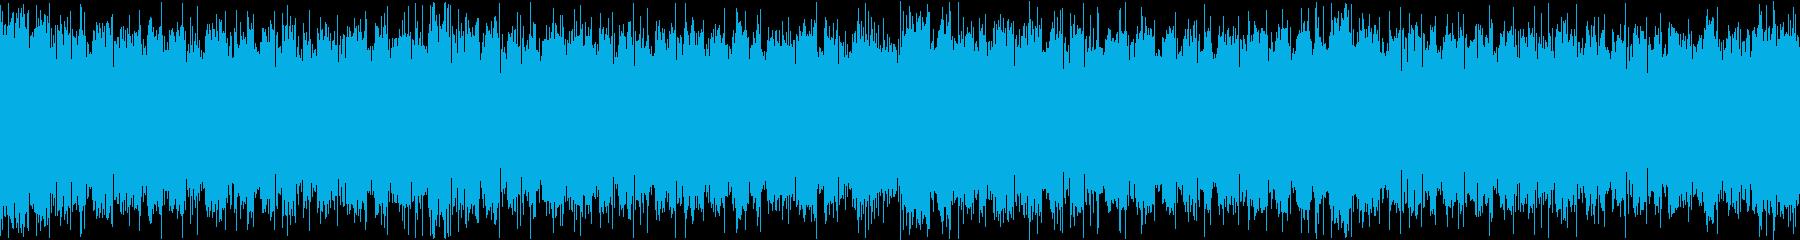 クールなFuture Bass(ループ)の再生済みの波形